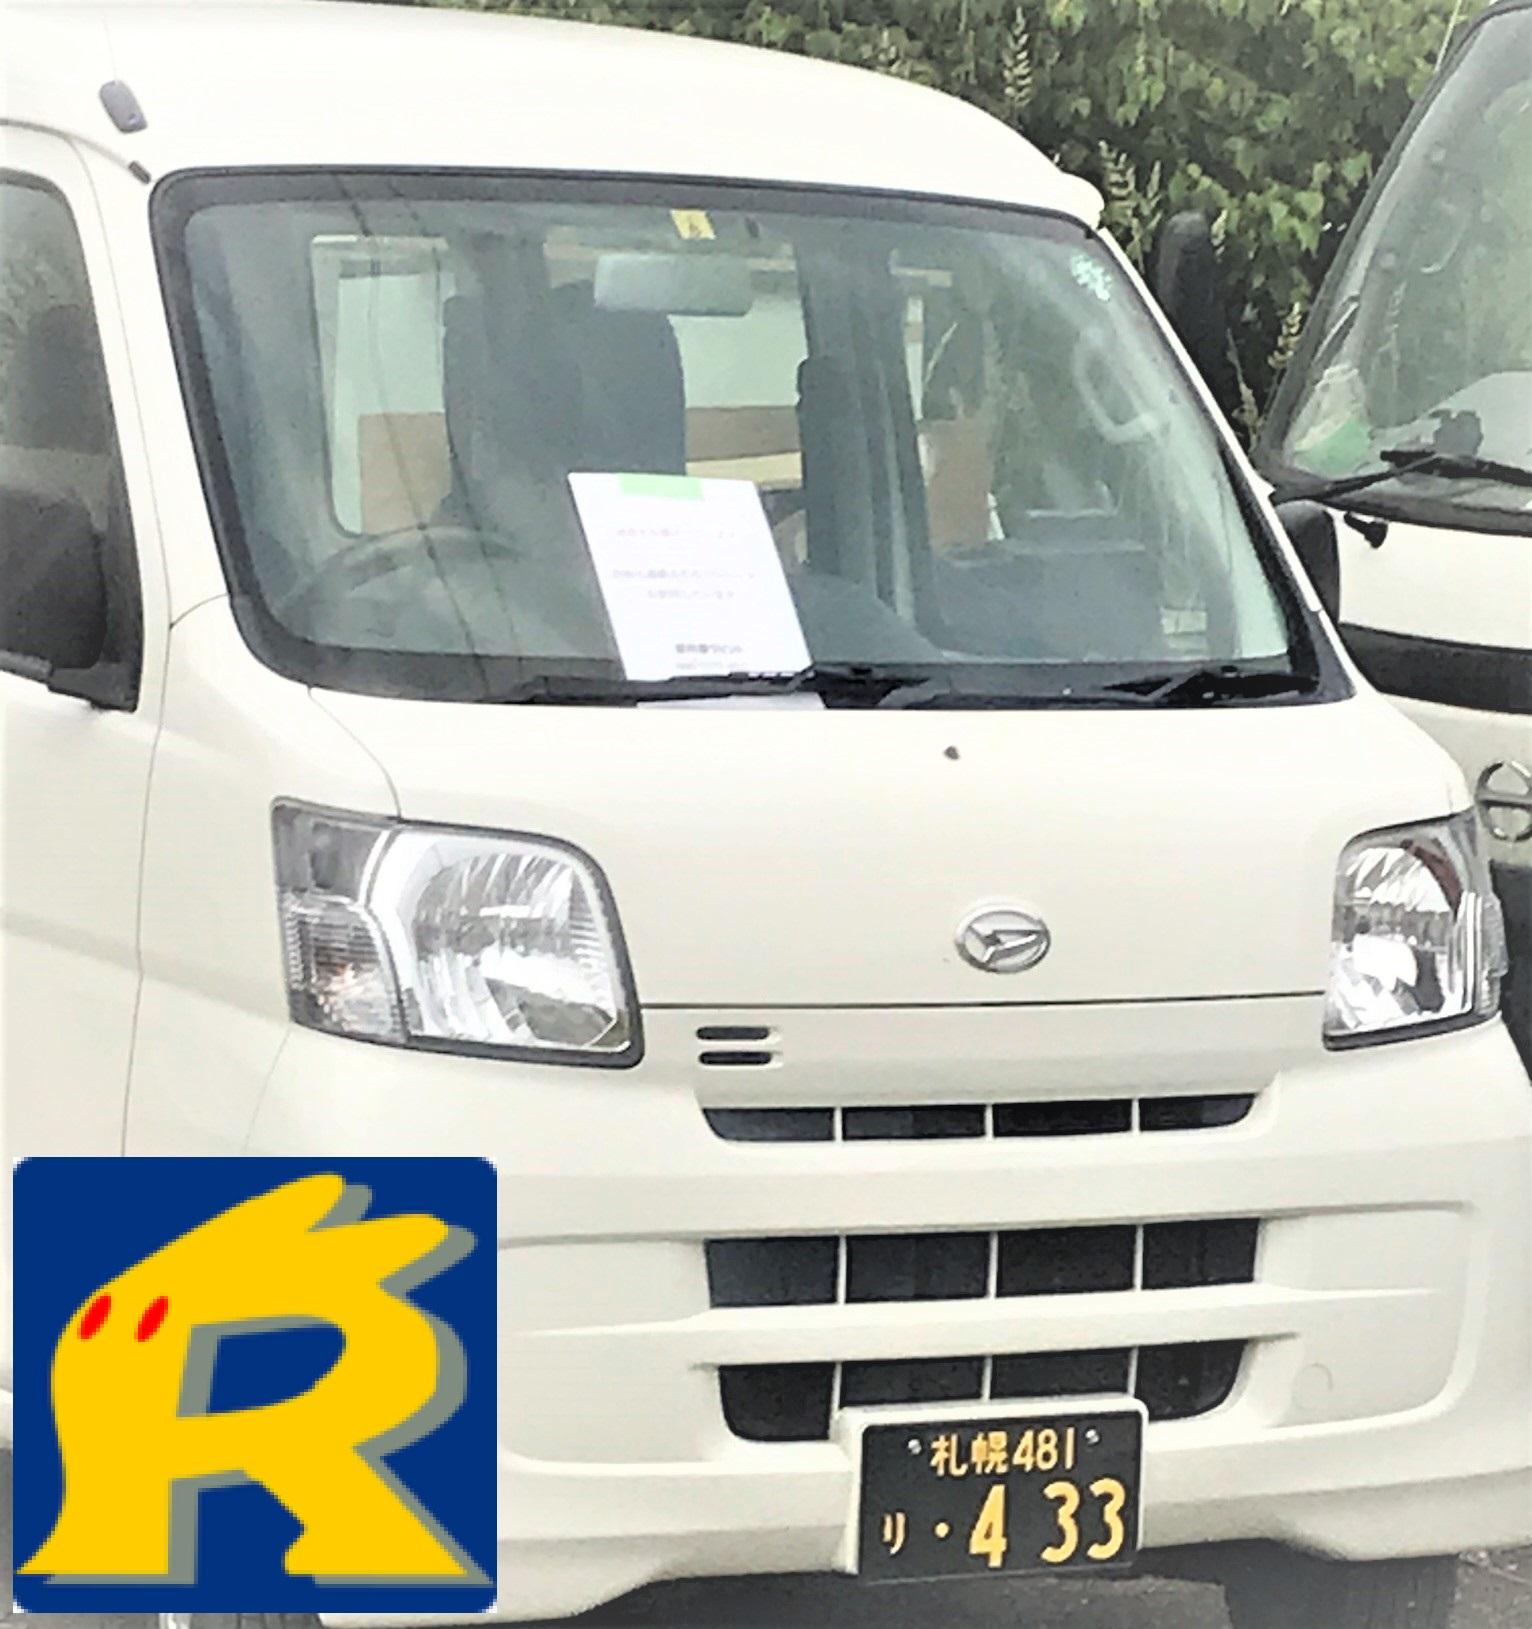 札幌市内近郊の単身者引越し、荷物の配達・配送なら便利屋ラビット急送へ